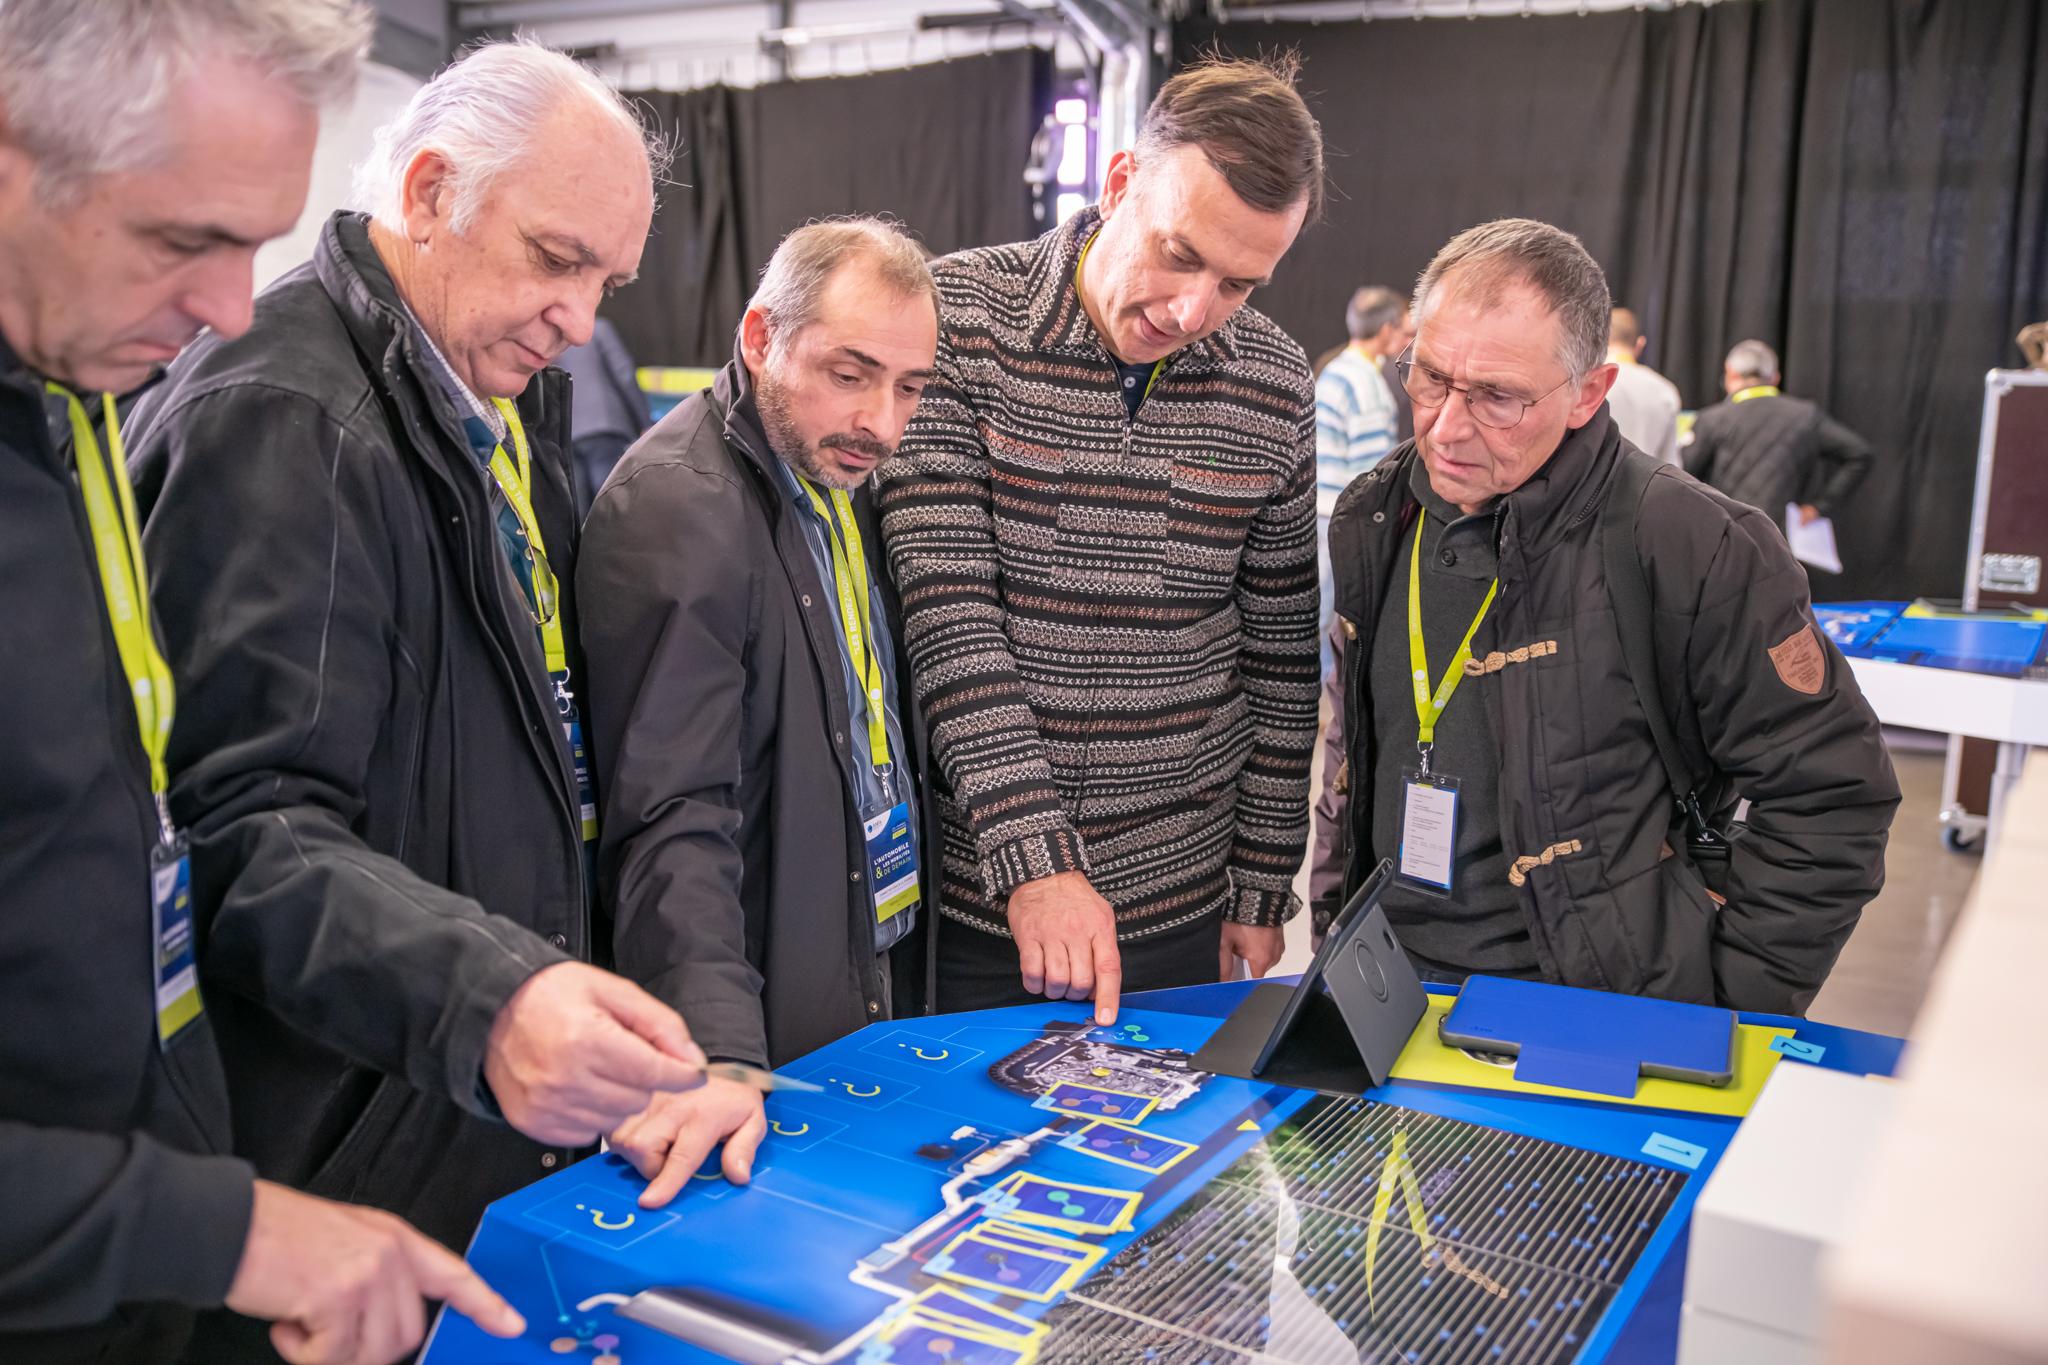 Jean-Luc et Guillaume Planat Photographes vidéaste corpo en PACA et Occitanie